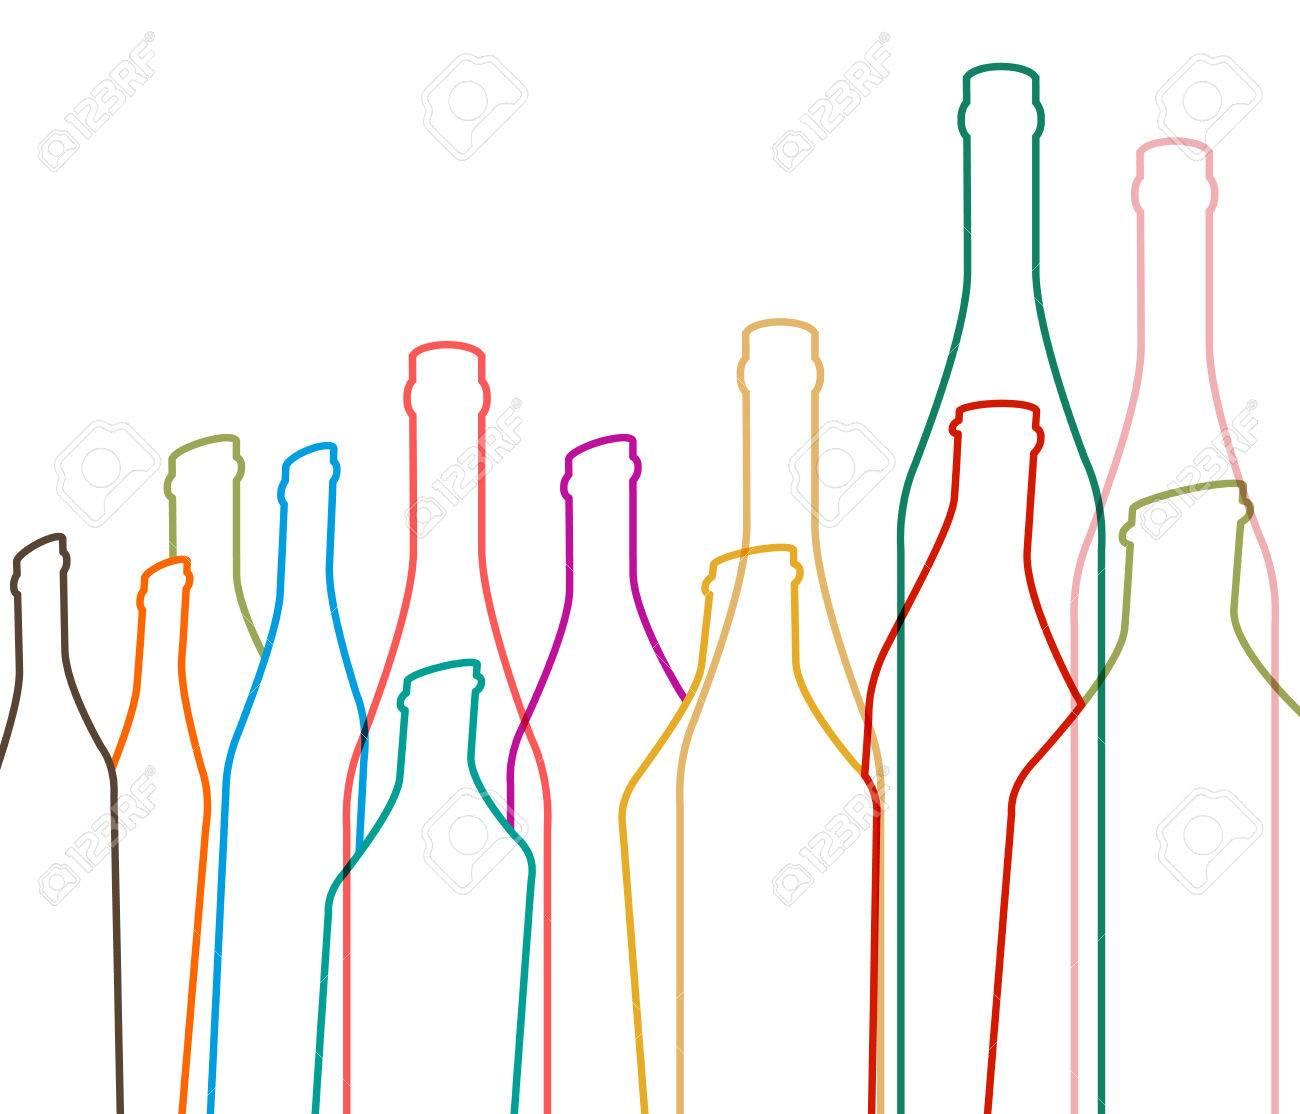 Hintergrund Flasche Ilustration.Alcoholic Bar Menu.Design Für Party ...